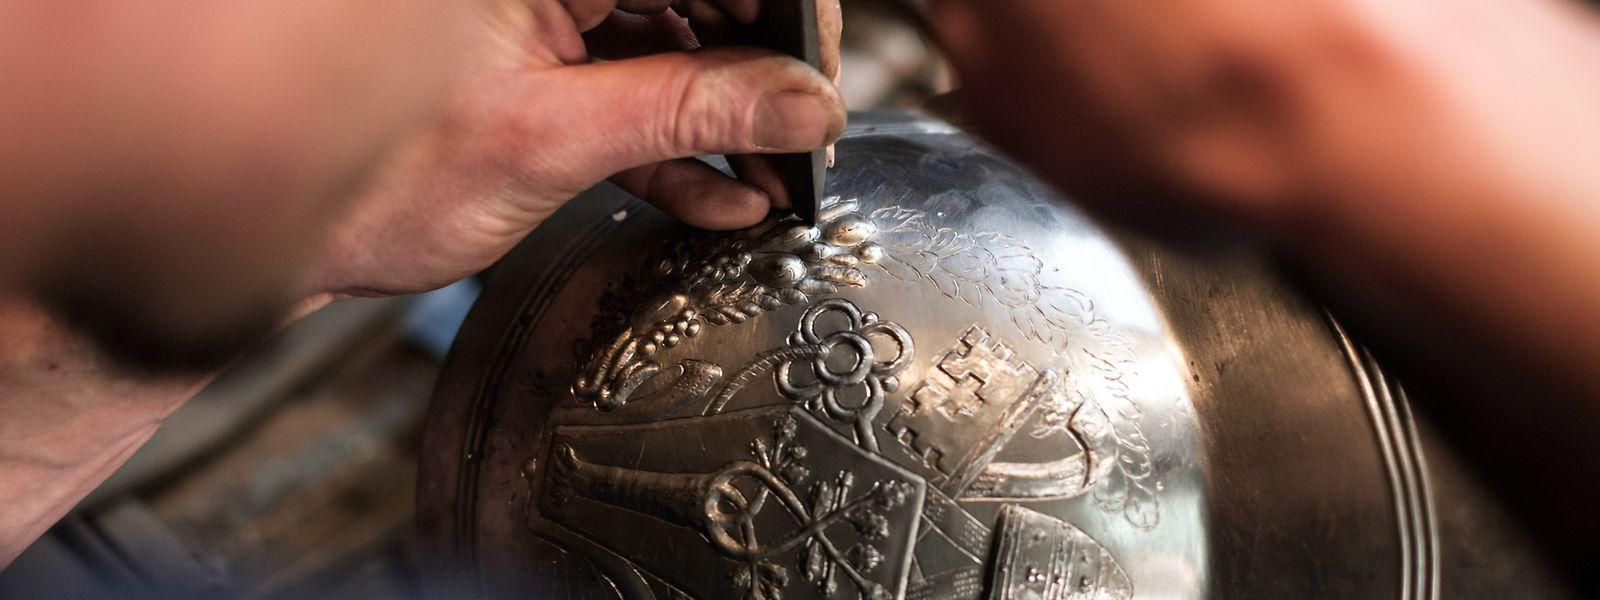 Mithilfe von Hammer und Meißel nimmt das Muster auf den Helmen Gestalt an.